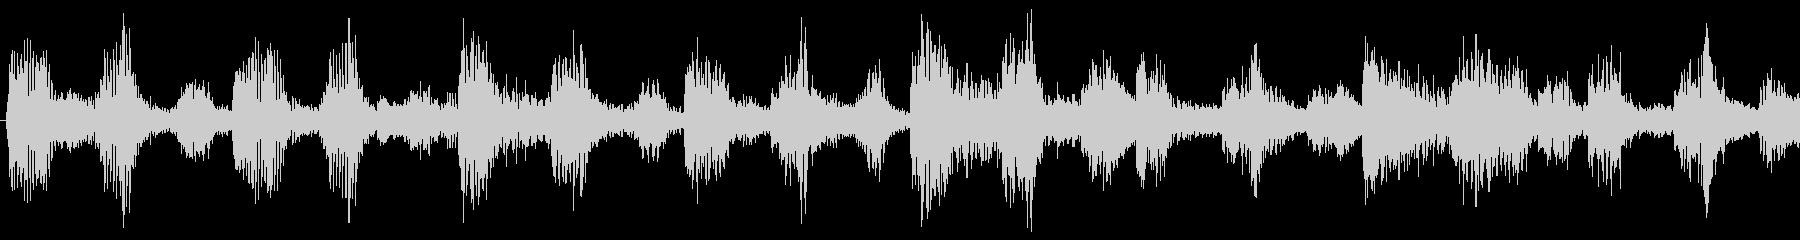 爽やかな朝に聞くBGM-ループ2の未再生の波形